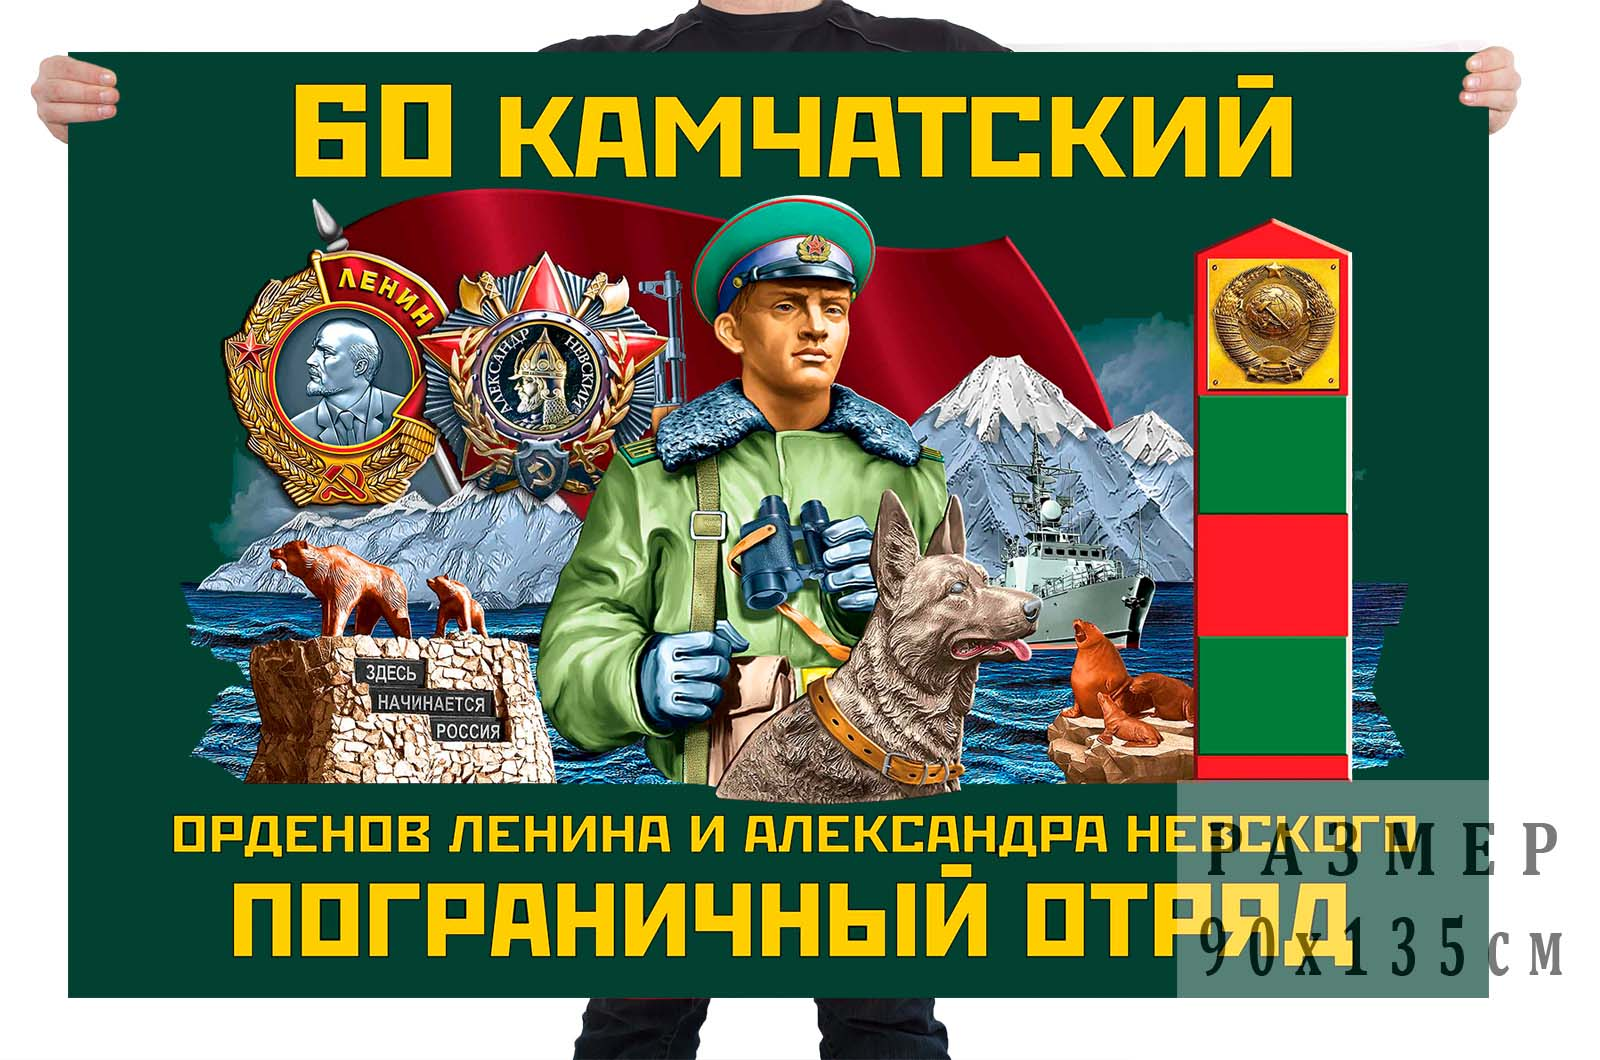 Флаг 60 Камчатского орденов Ленина и Александра Невского пограничного отряда